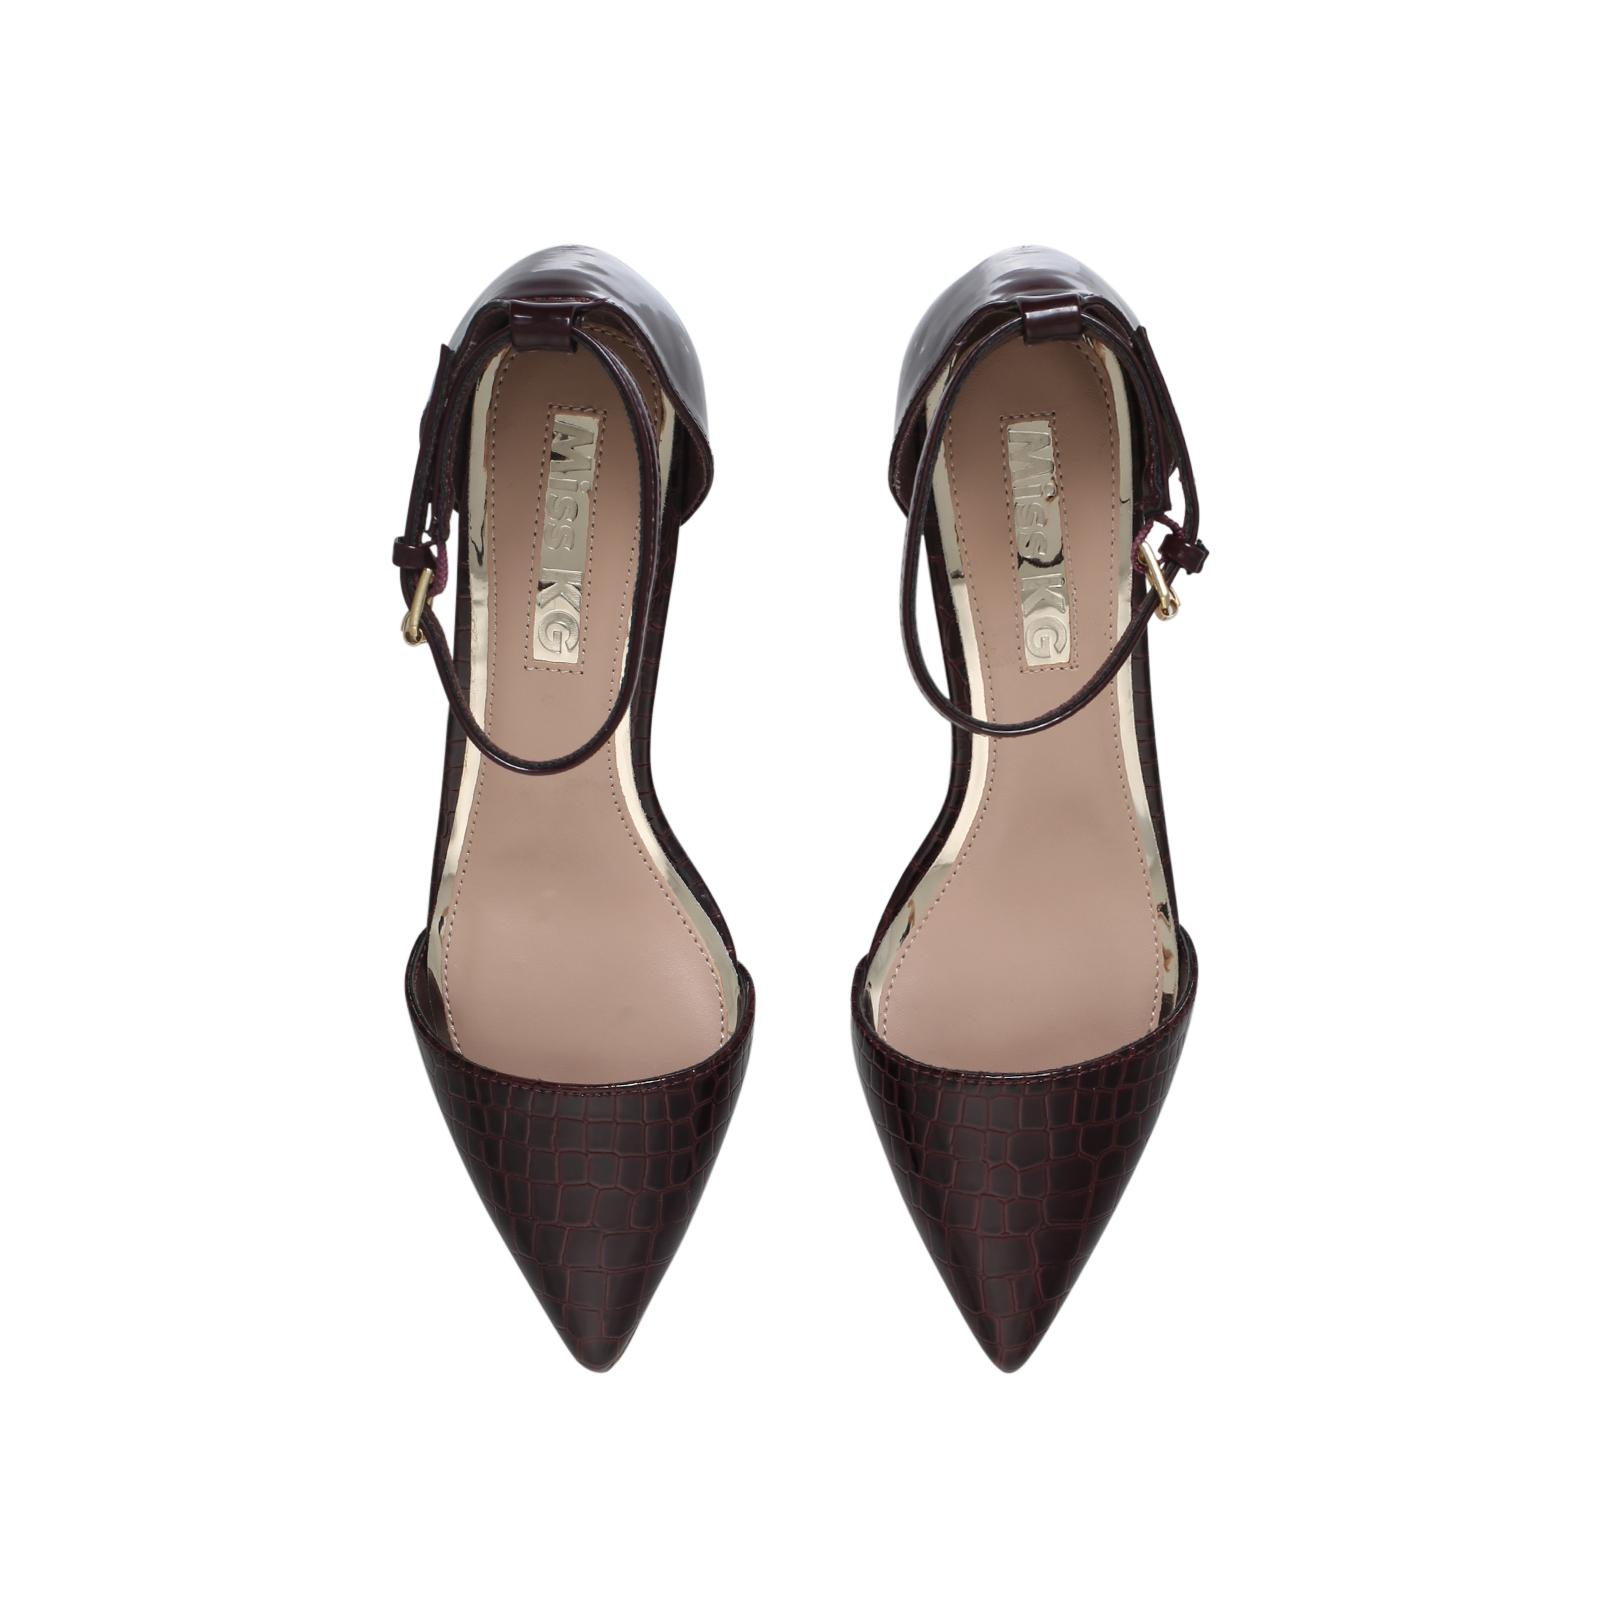 d6d11e96585 CARLA Miss KG Carla Wine Mid Heel Court Shoes Block Heel by MISS KG